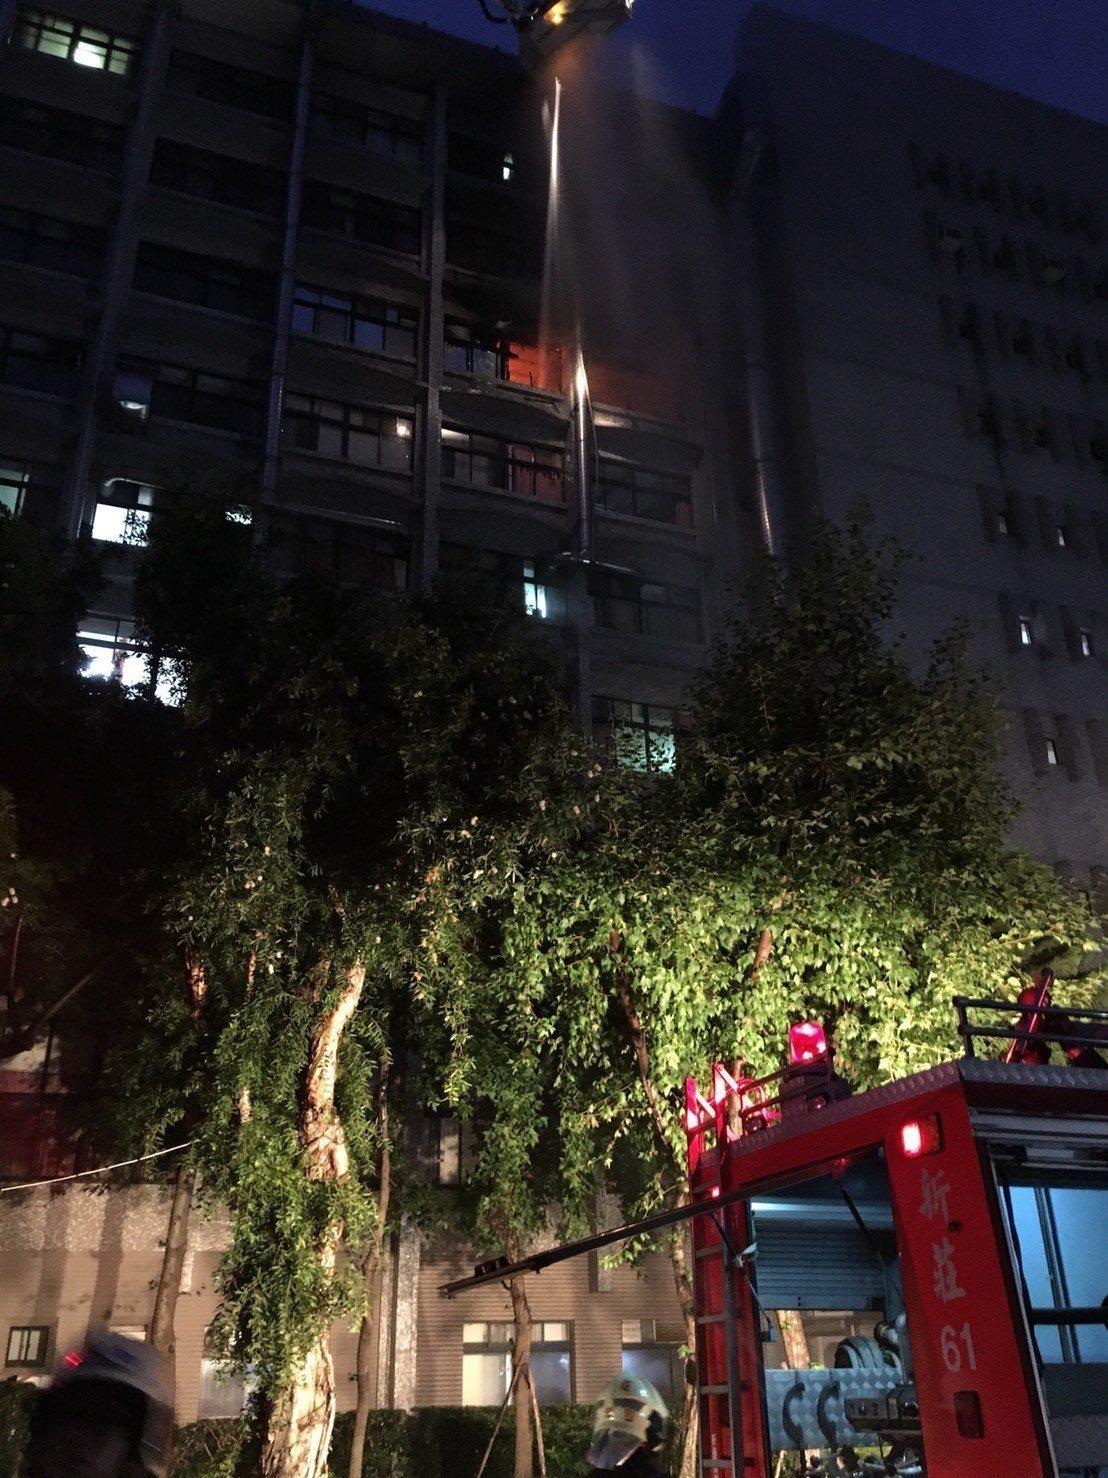 新北市新莊區的衛福部台北醫院護理之家火警,造成9人死亡。記者李奕昕/翻攝